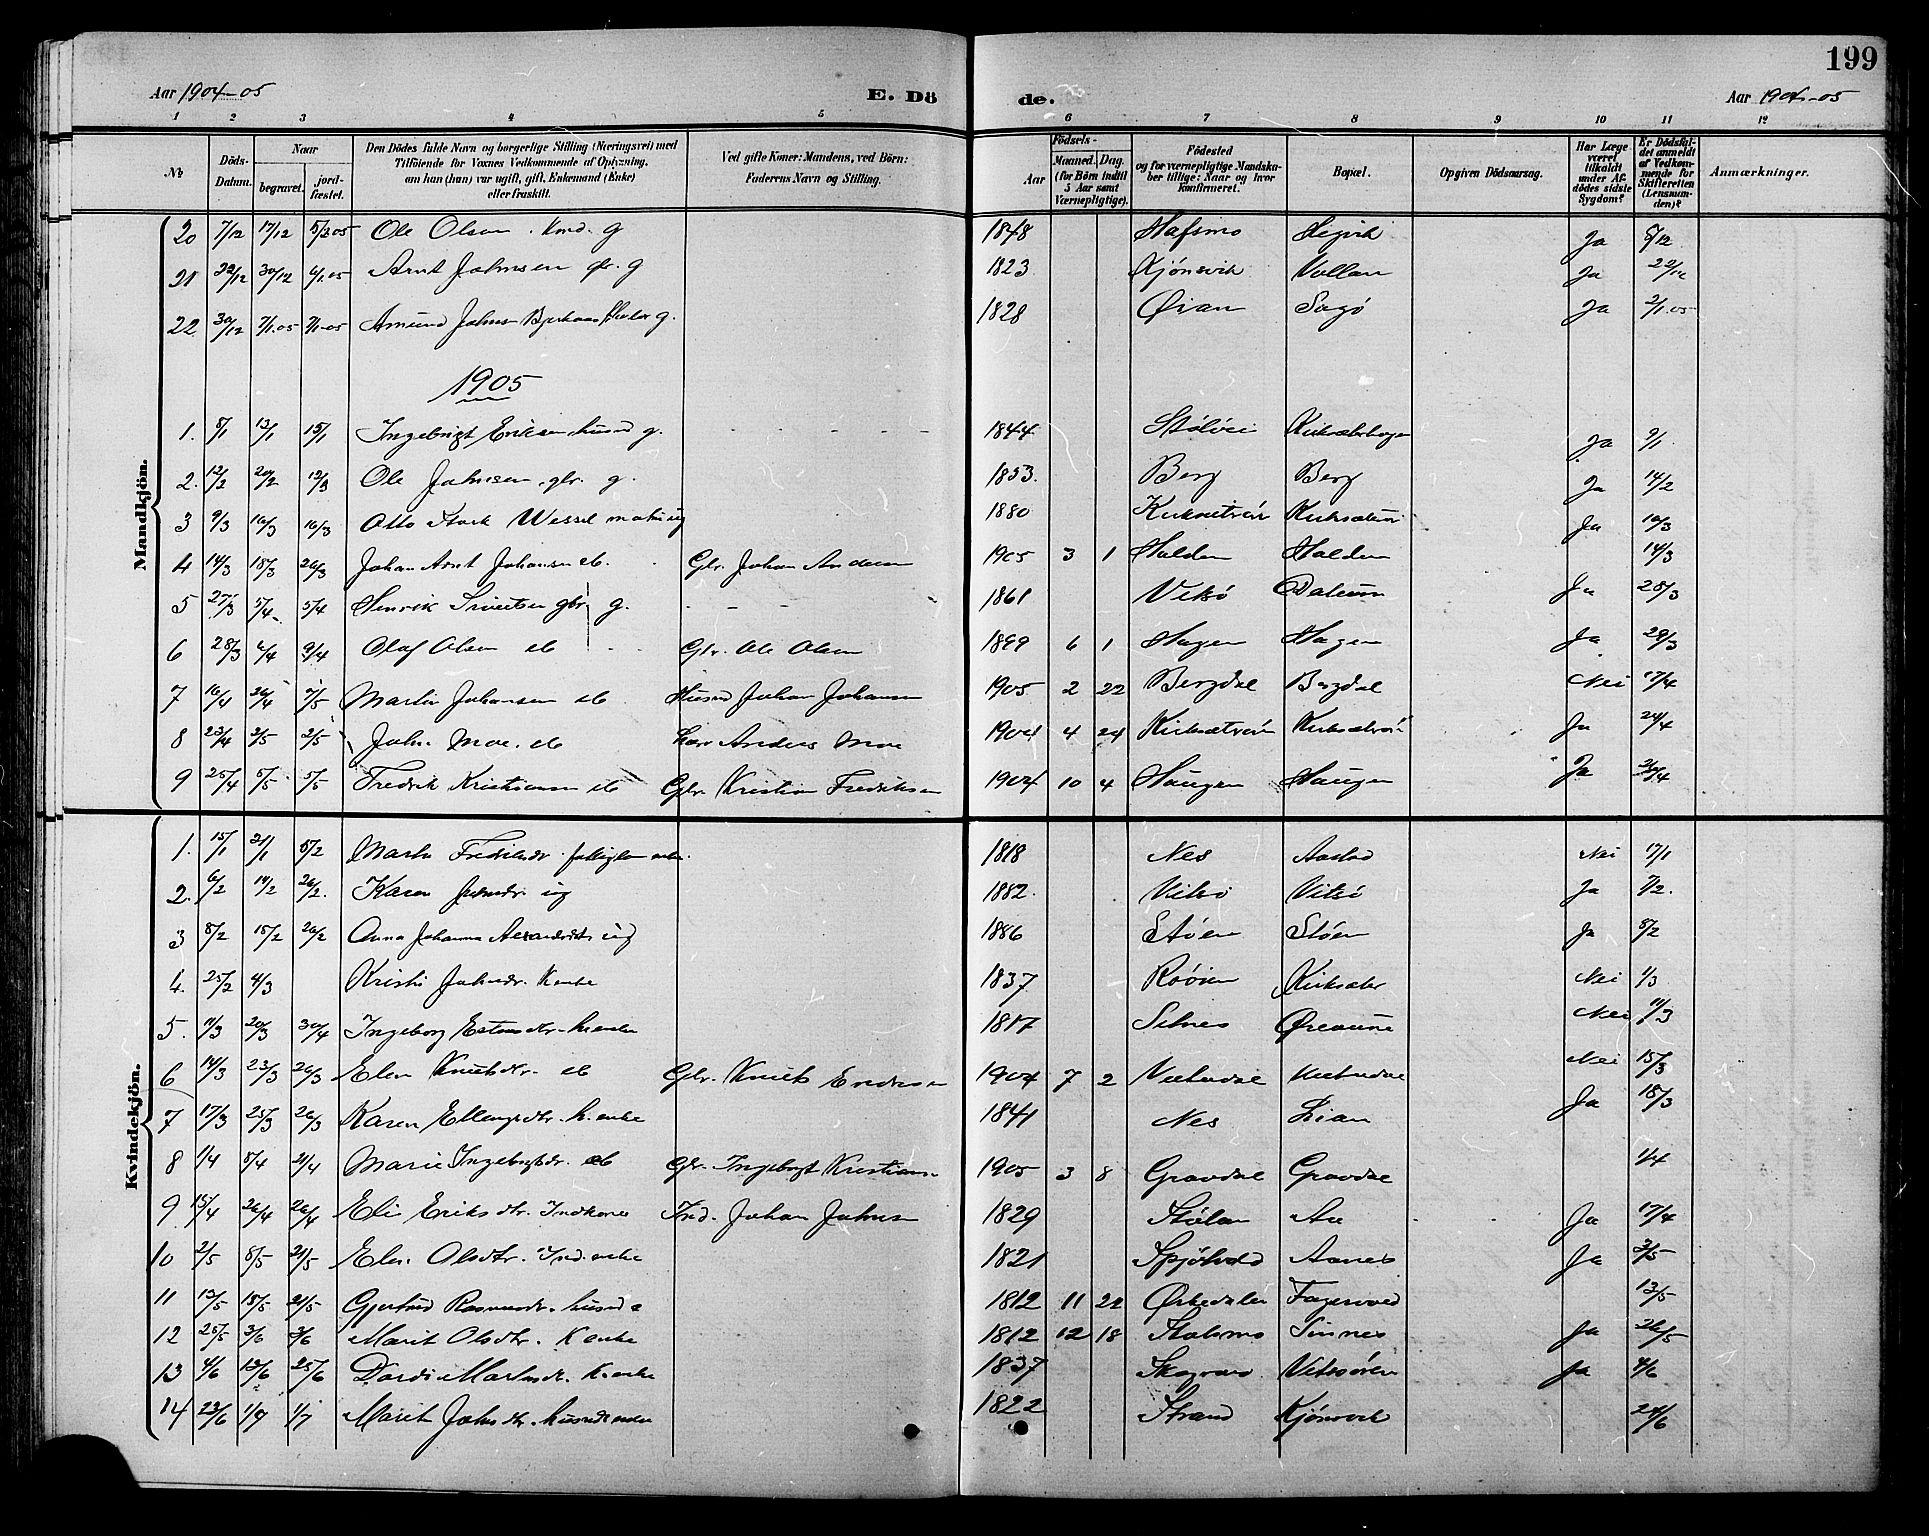 SAT, Ministerialprotokoller, klokkerbøker og fødselsregistre - Sør-Trøndelag, 630/L0505: Klokkerbok nr. 630C03, 1899-1914, s. 199